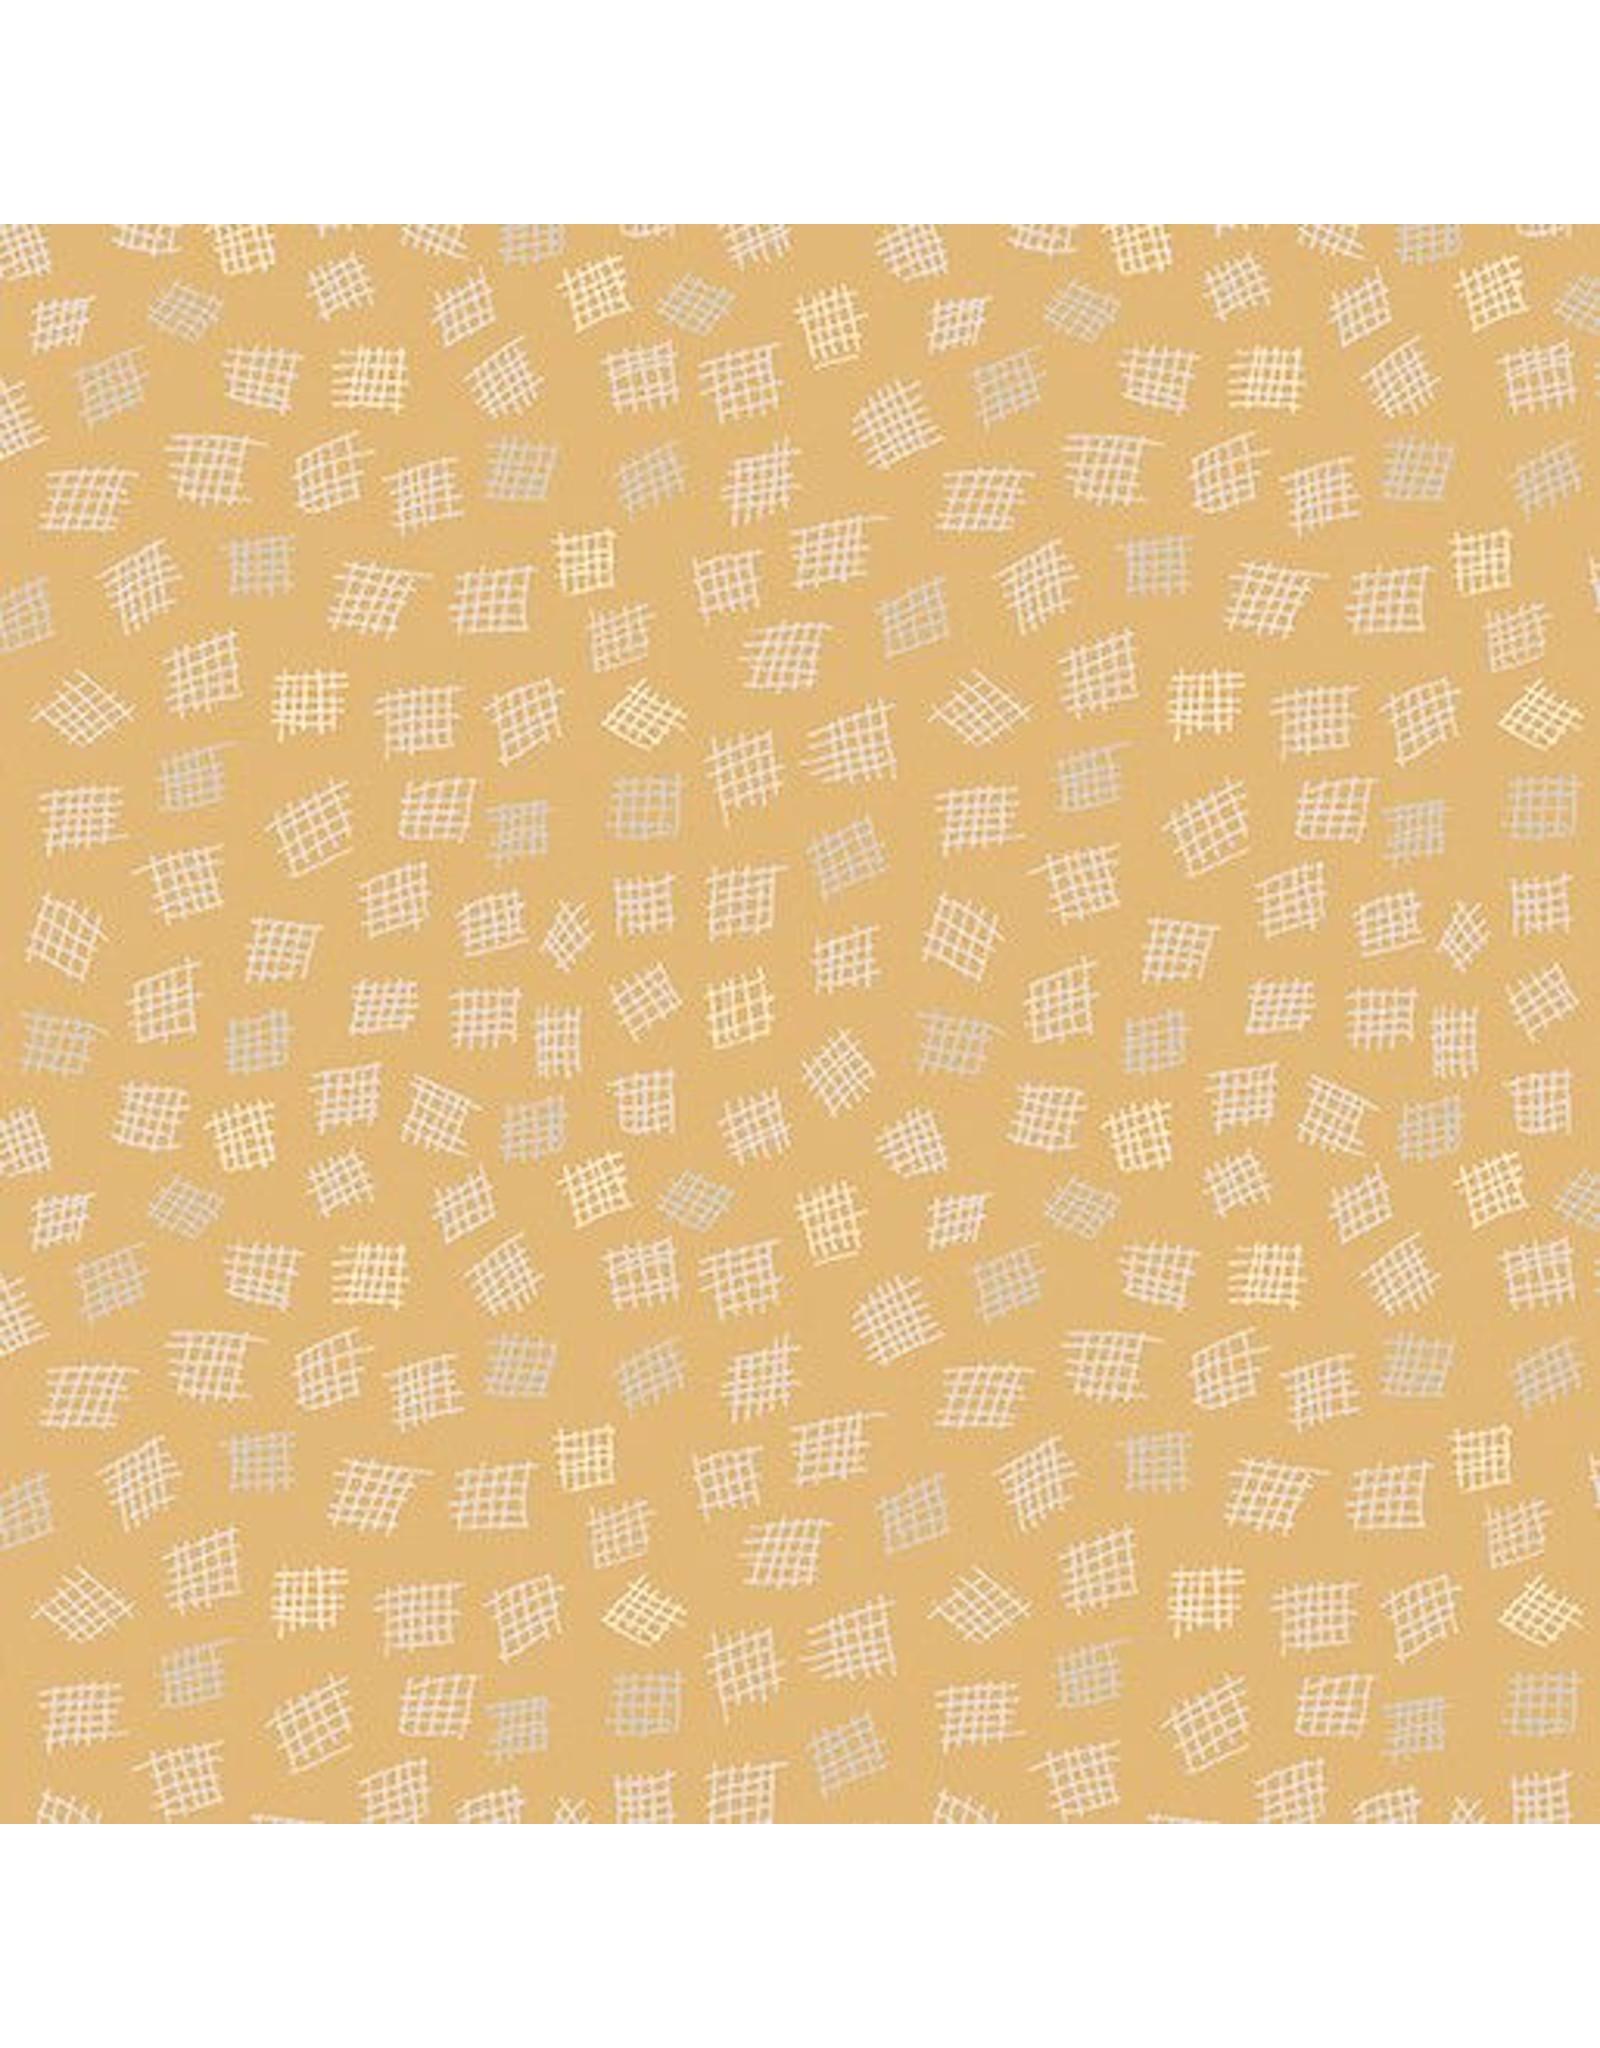 Contempo Improv - Patches Cinnamon